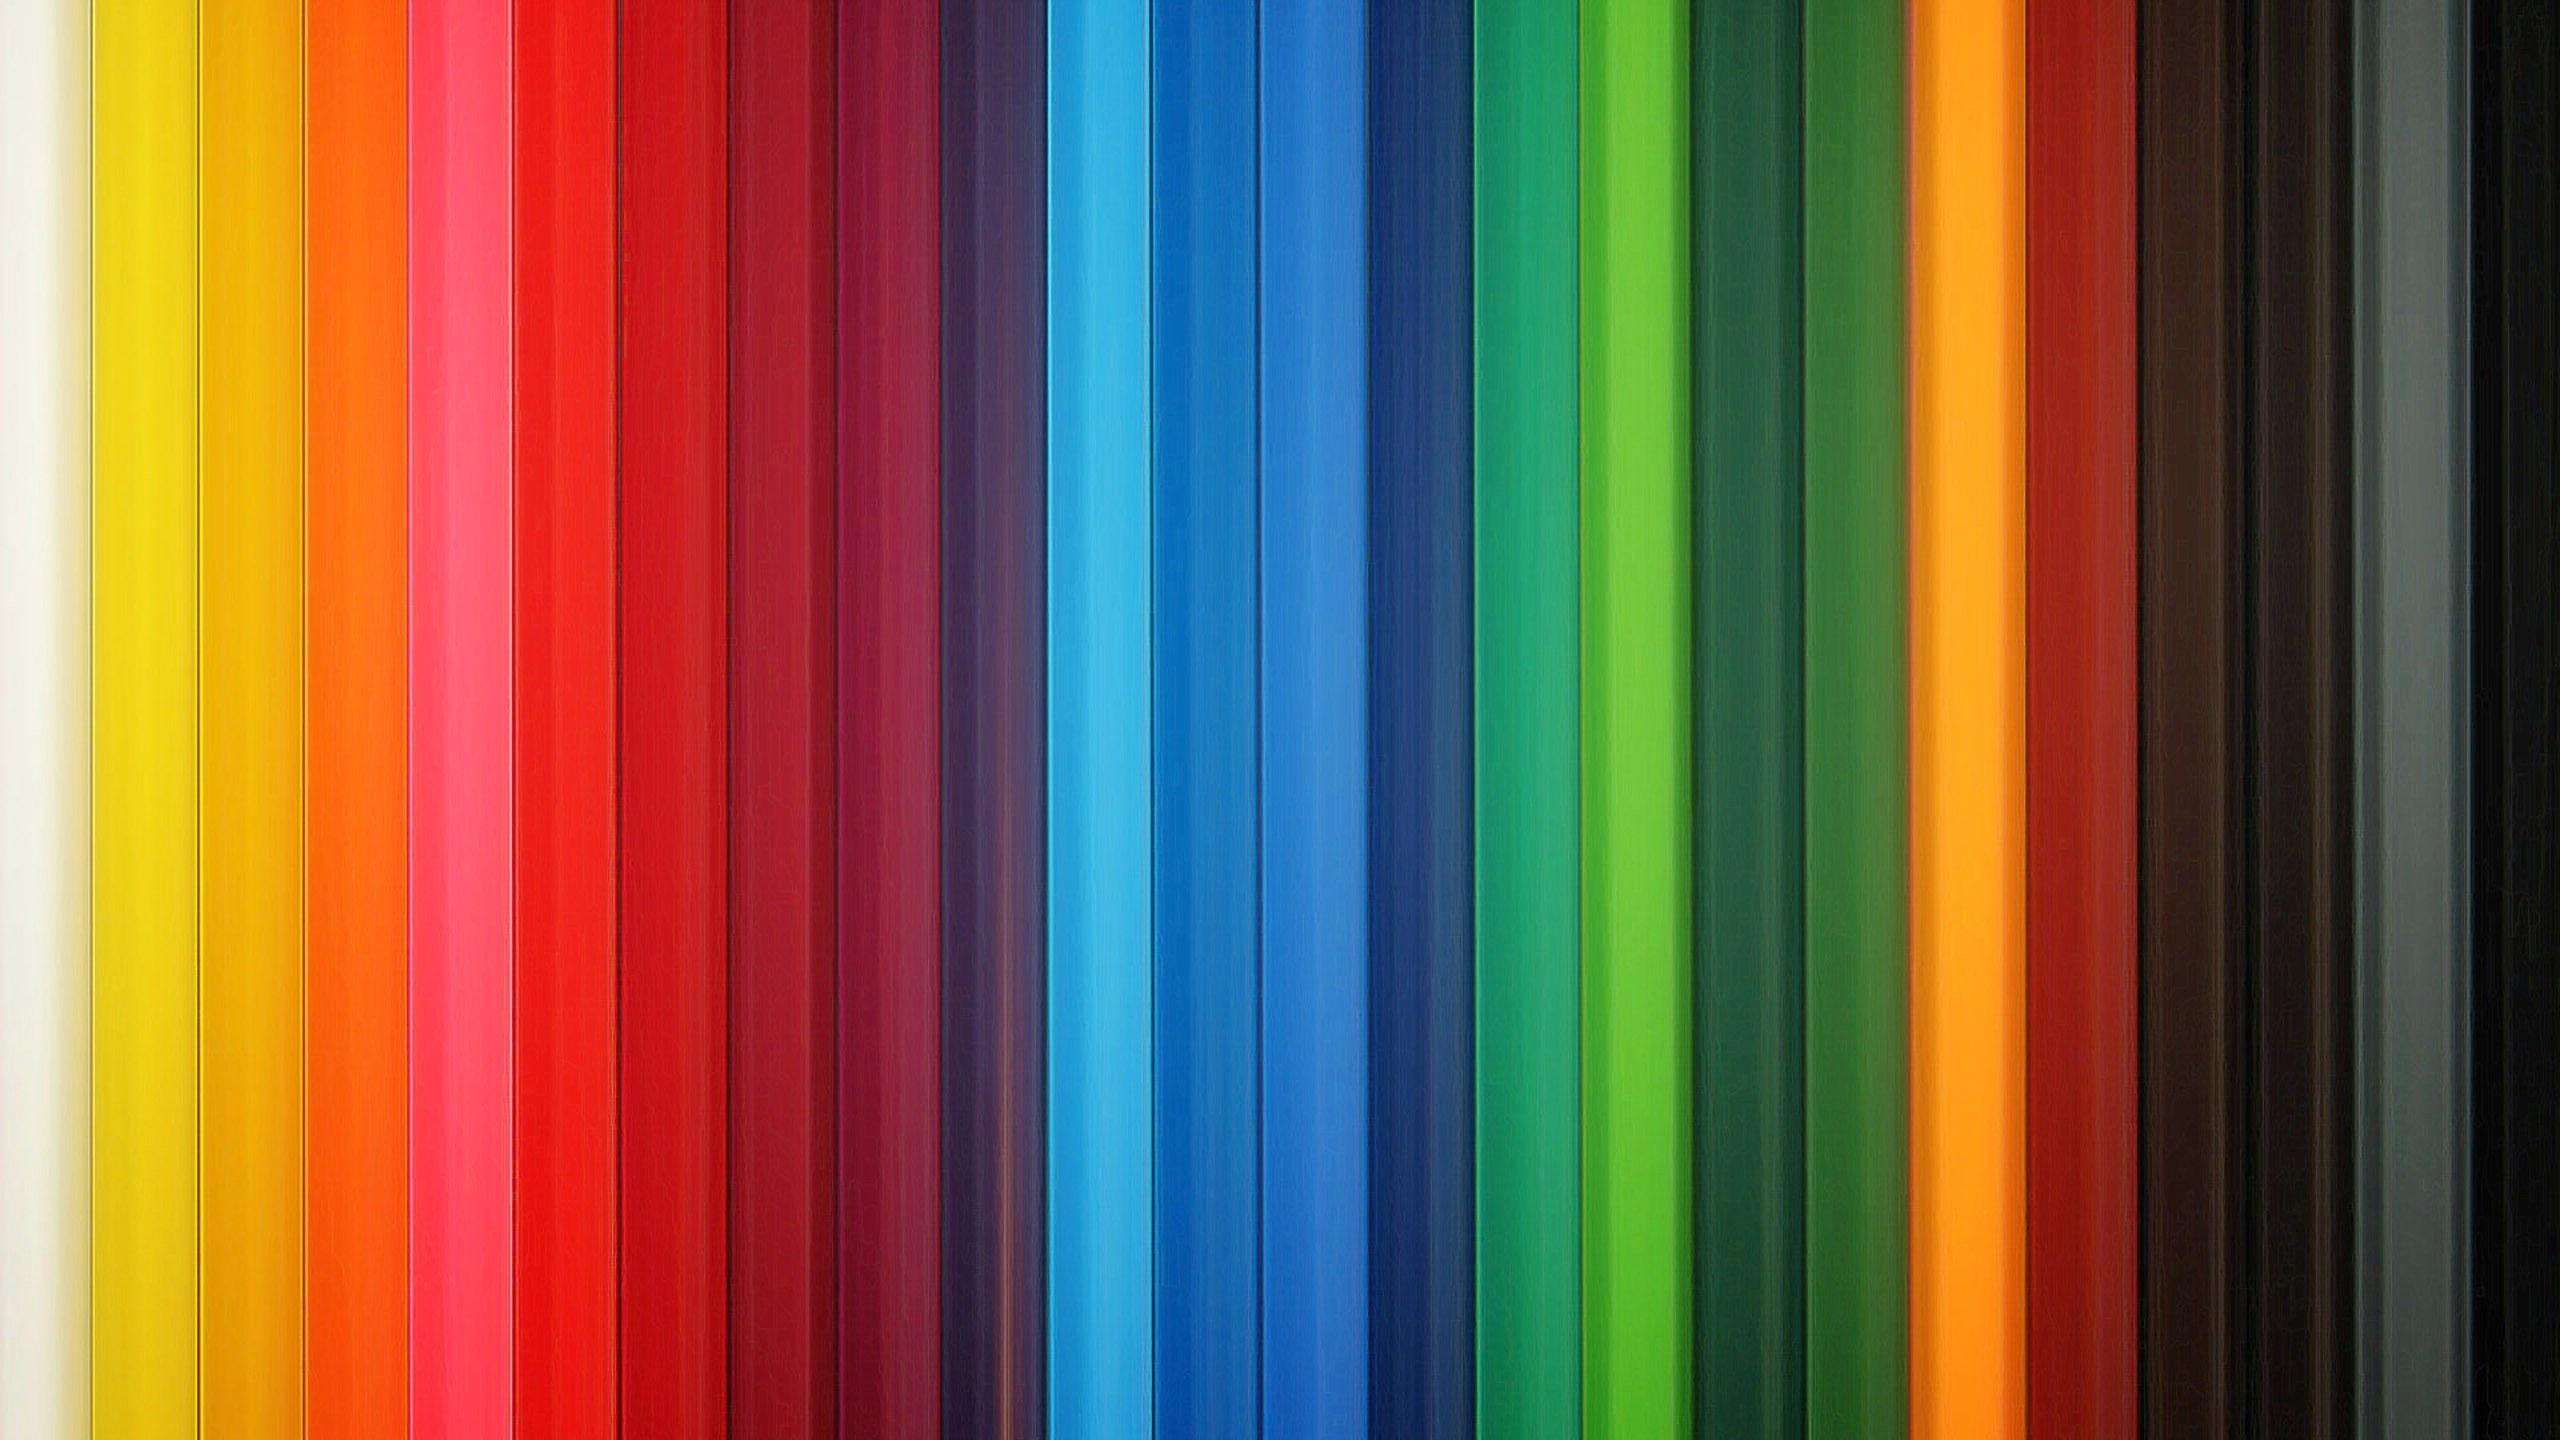 Background image 2560 x 1440 - 24 Farben Hintergrund Hintergrundbilder 2560x1440 Qhd